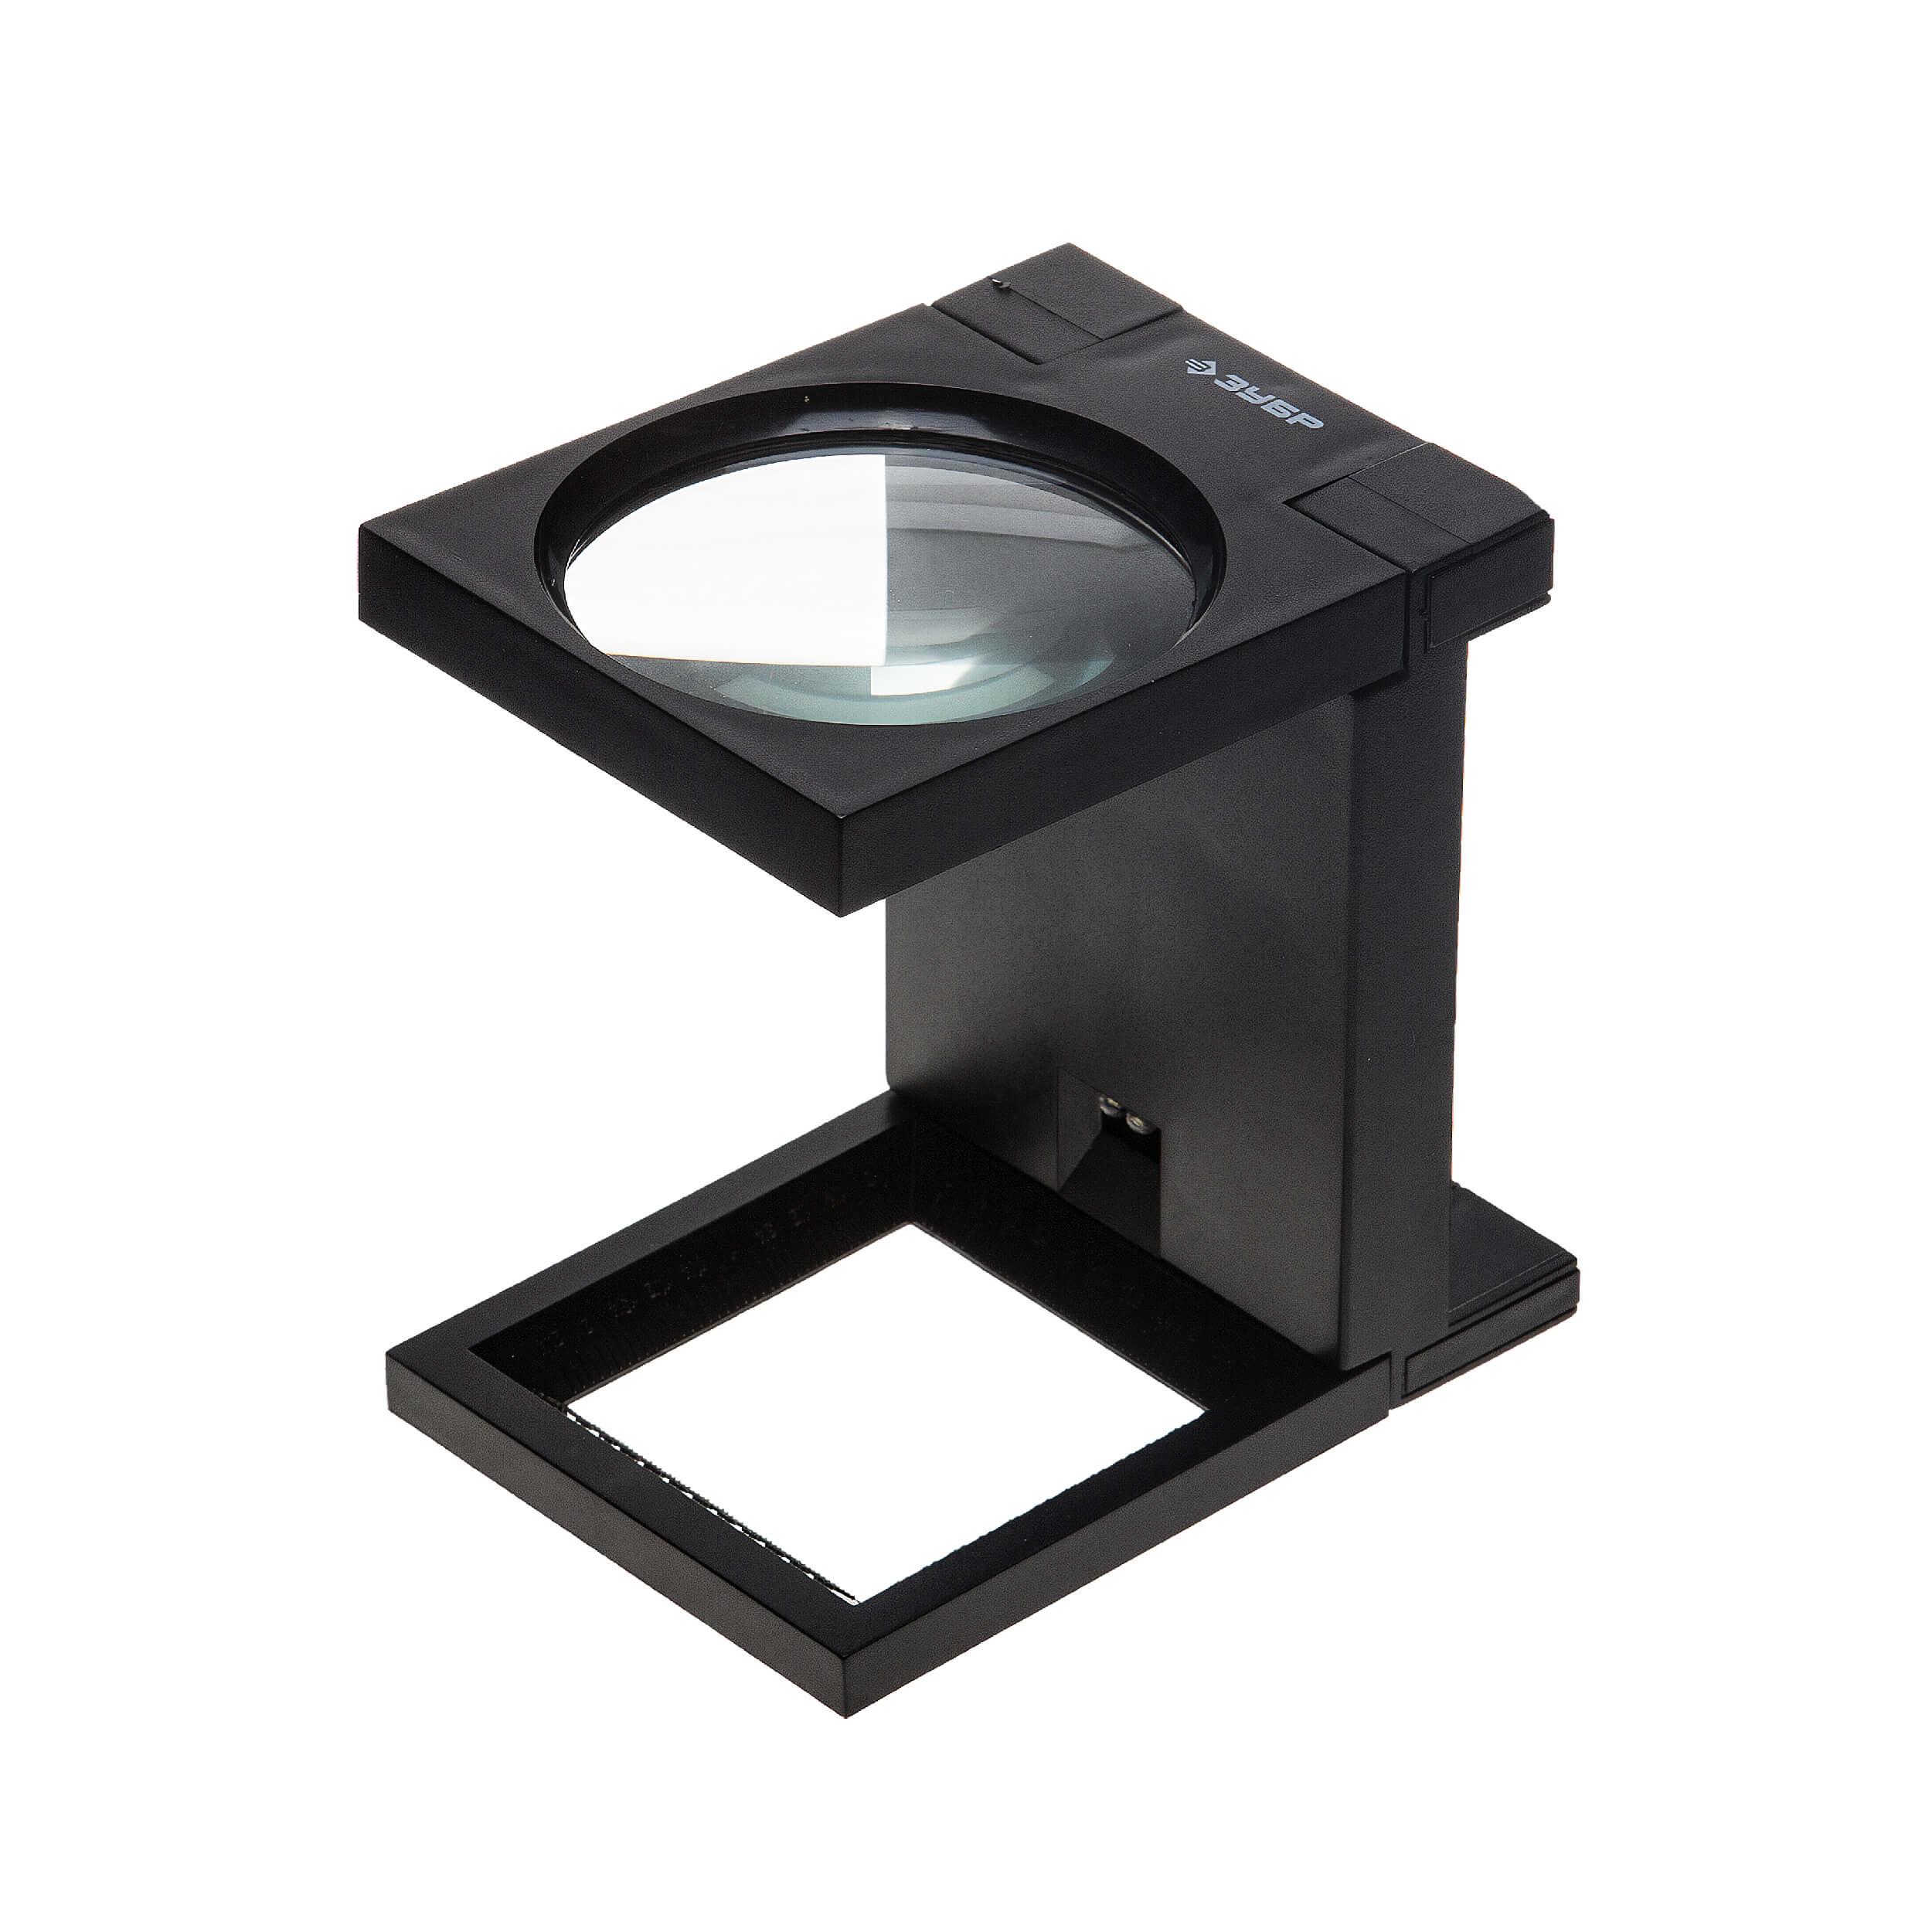 Увеличительное стекло складное с подставкой D110 (увеличение x2) фото